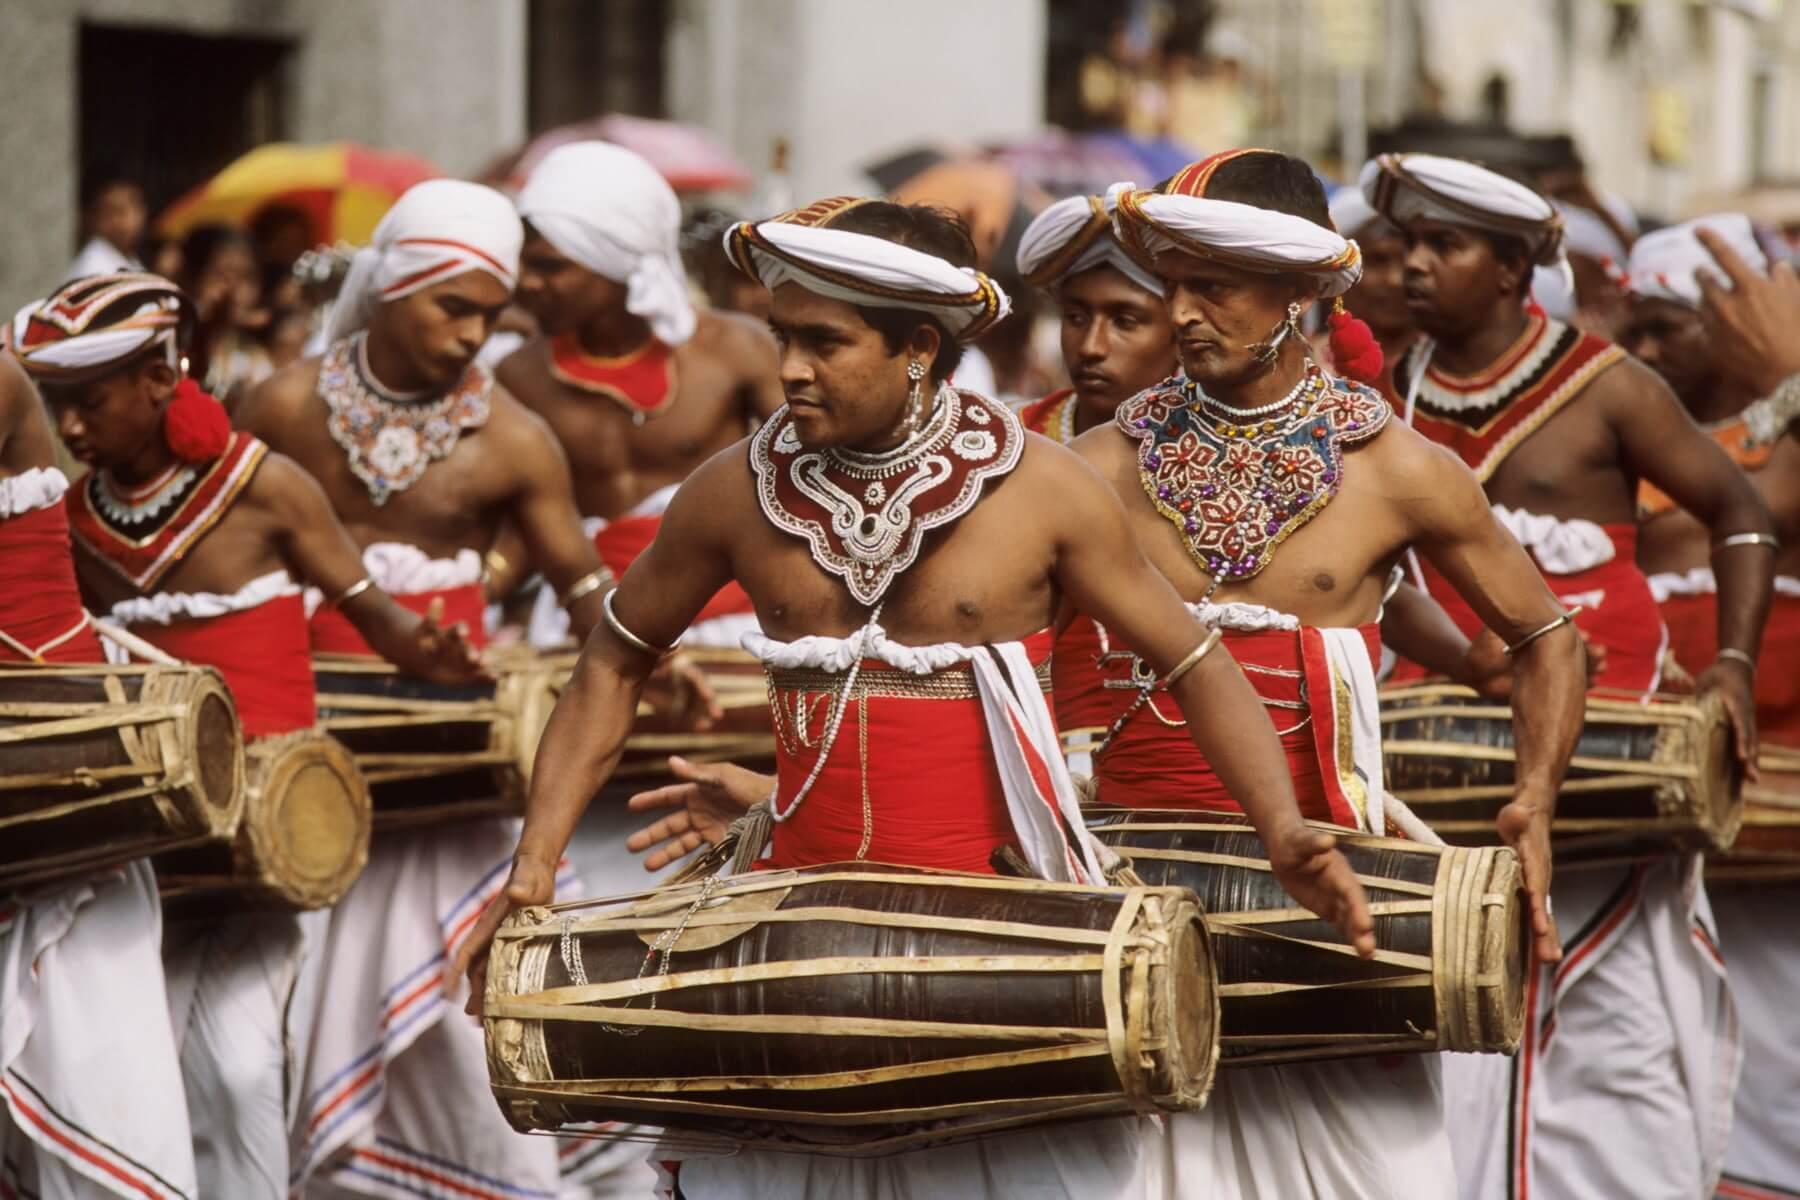 Kandy-Esala-Perahera gehört zu den großartigsten Festen in ganz Südost-Asien und ist bekannt für farbenprächtige und prunkvolle Festprozessionen.